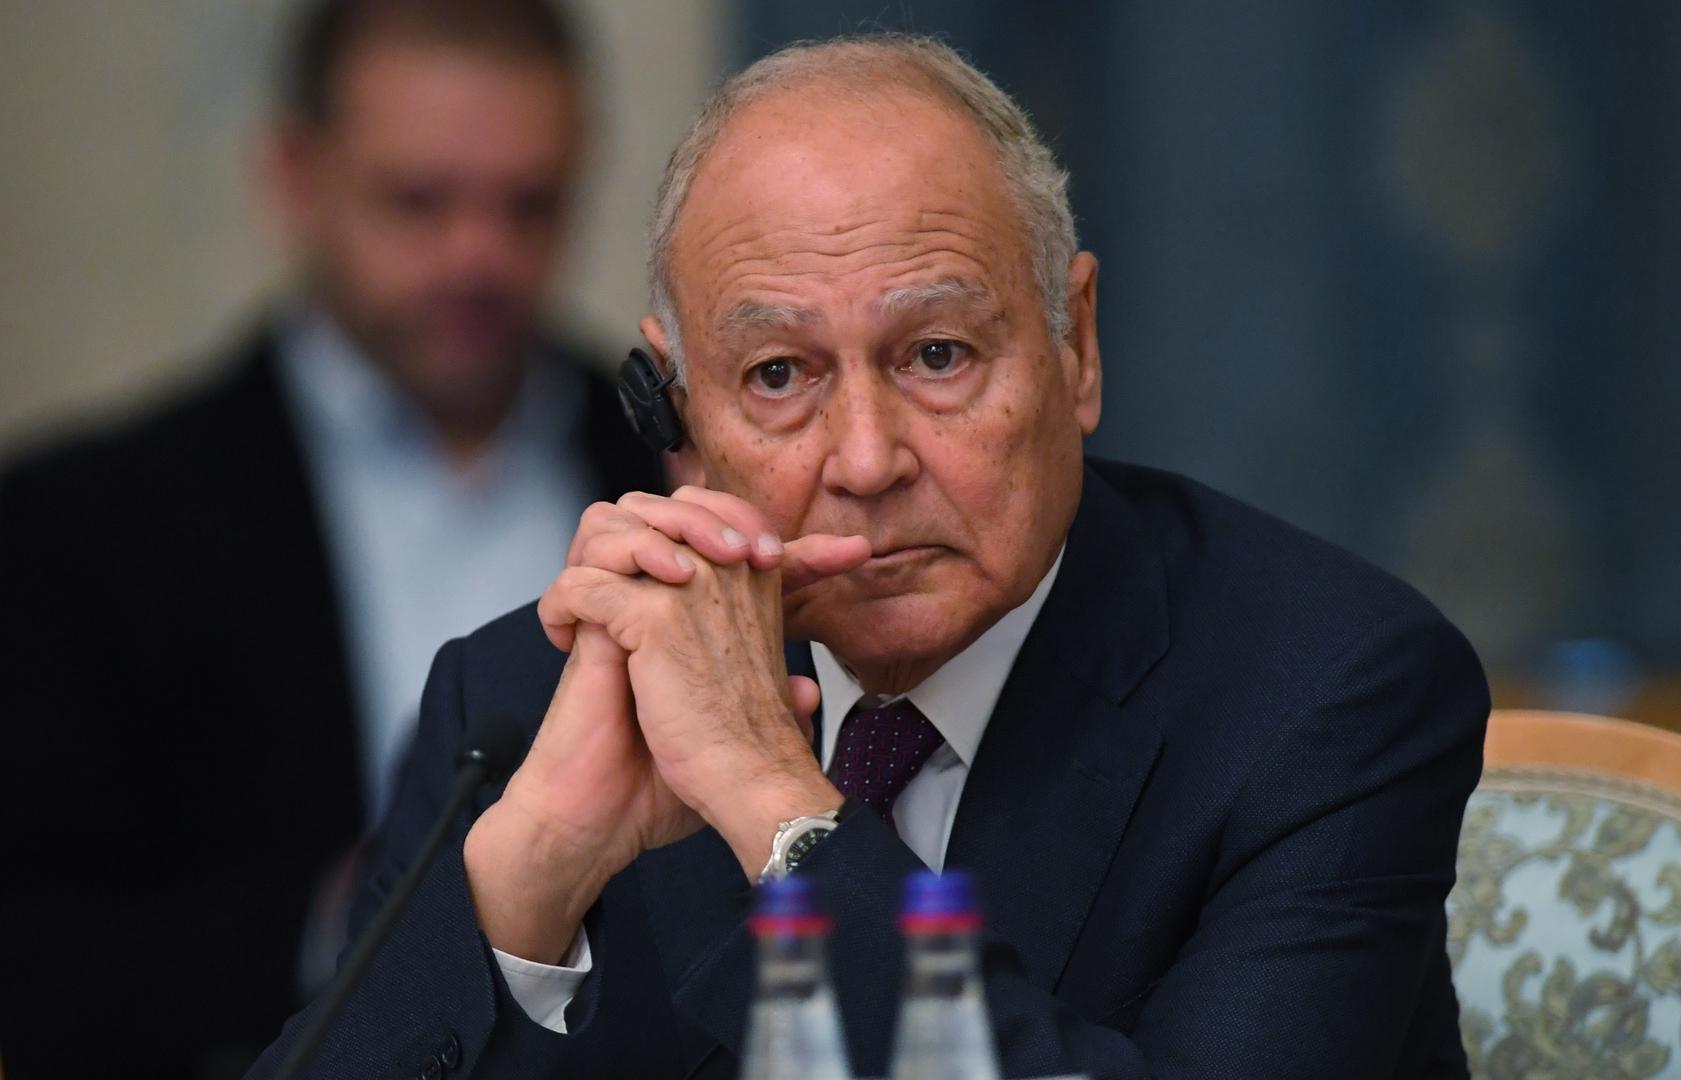 أبو الغيط للكاظمي: الجامعة العربية تدعم دور العراق النشط في محيطه العربي والإقليمي (صورة)